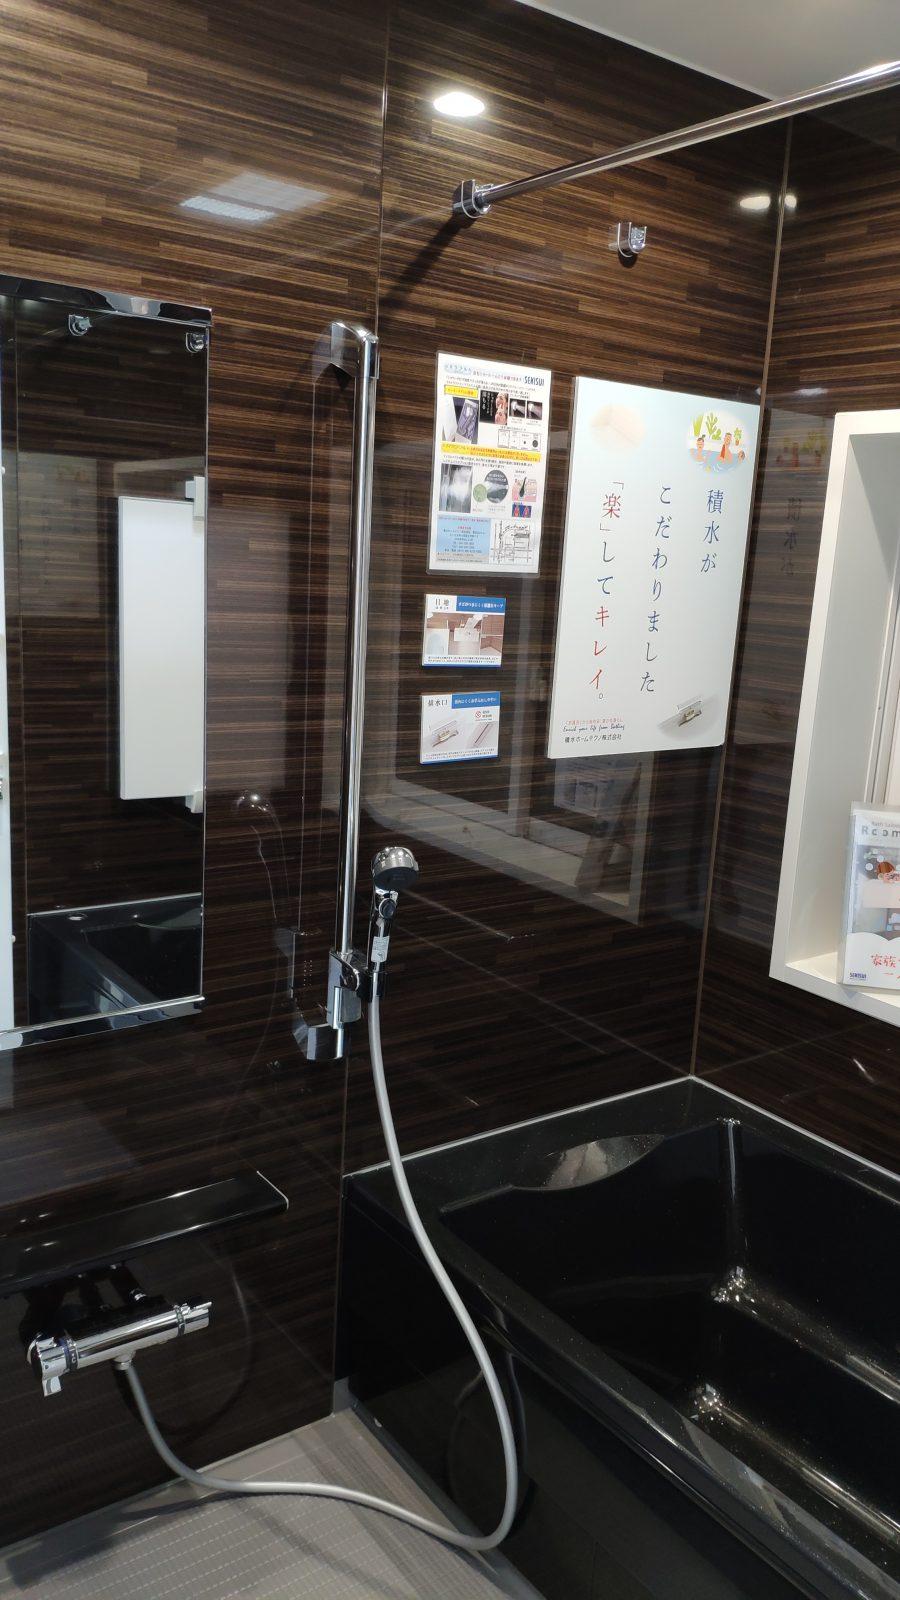 県民共済住宅新都心本店に展示されている積水ホームテクノのルーミー